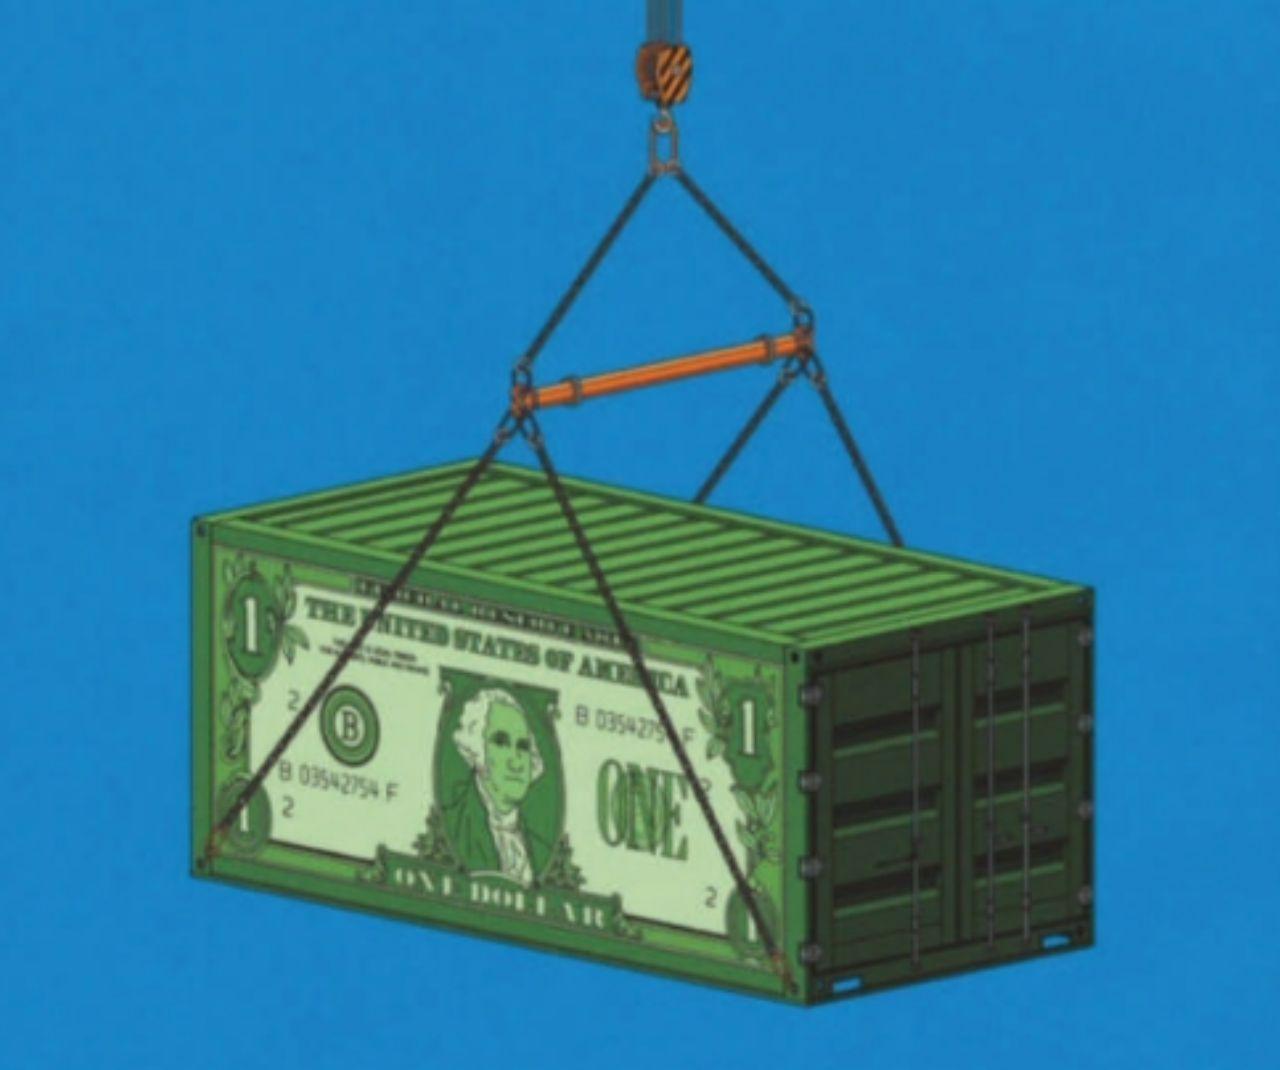 پیروزی بایدن، بازار سکه و ارز را به کدام سو خواهد برد؟ / شوک آمریکایی کاهش قیمت به بازار